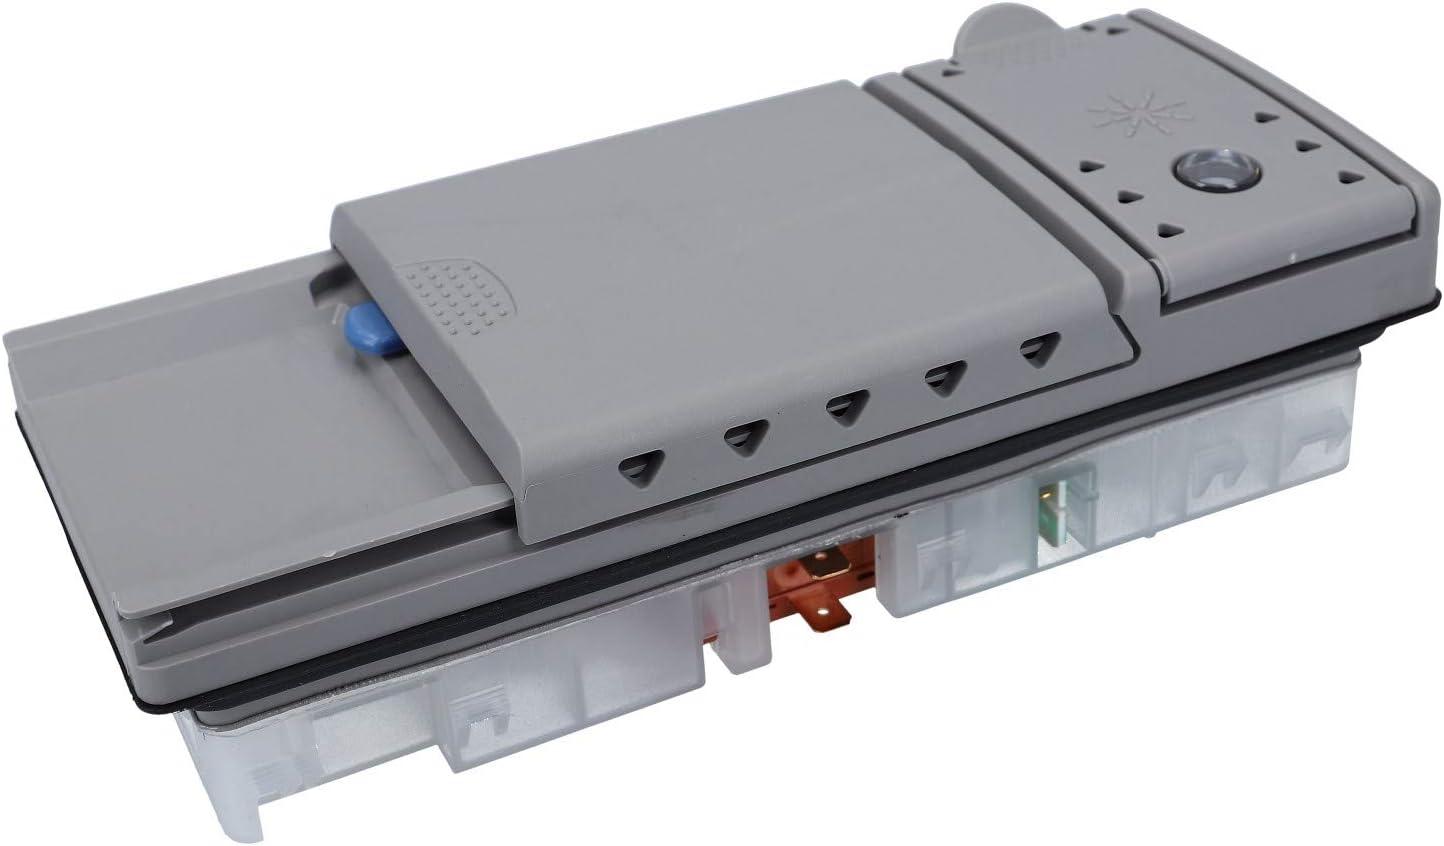 DL-pro Dosierkombination adecuado para Bosch Siemens Neff Constructa Gaggenau Balay 490467 00490467 - Unidad dosificadora para pastillas en polvo abrillantador lavavajillas